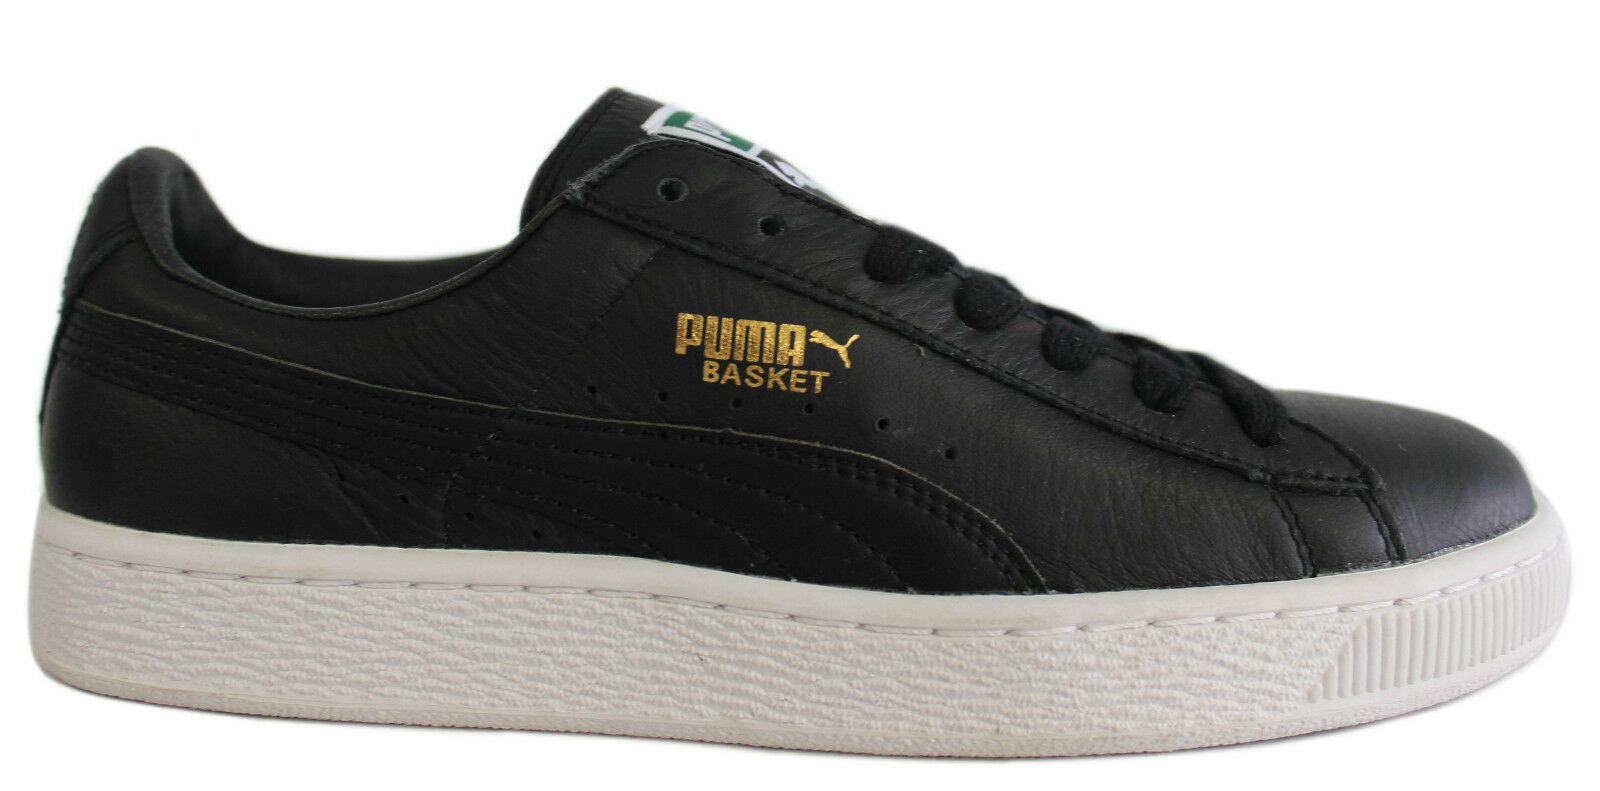 Puma CESTINO classico LFS UOMO RAGAZZO DONNA Scarpe da ginnastica con lacci Scarpe classiche da uomo